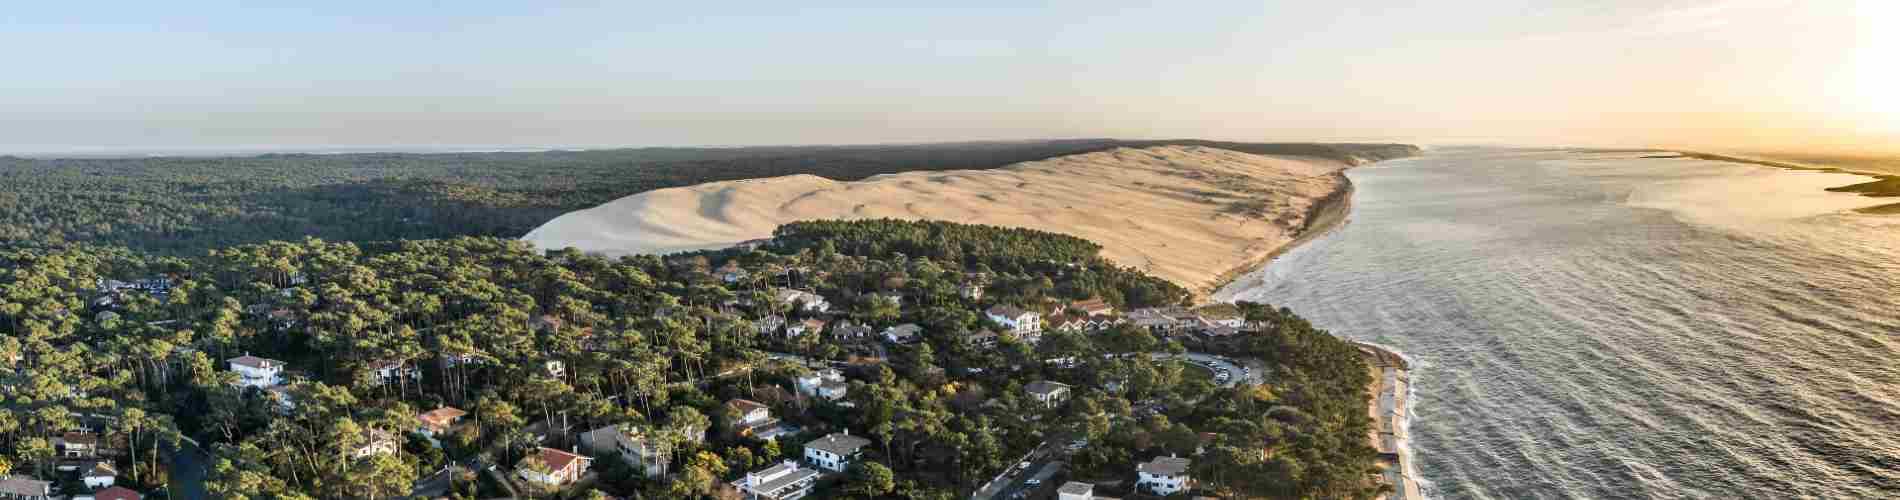 camping-arcachon-région-bandeau-dune-pilat